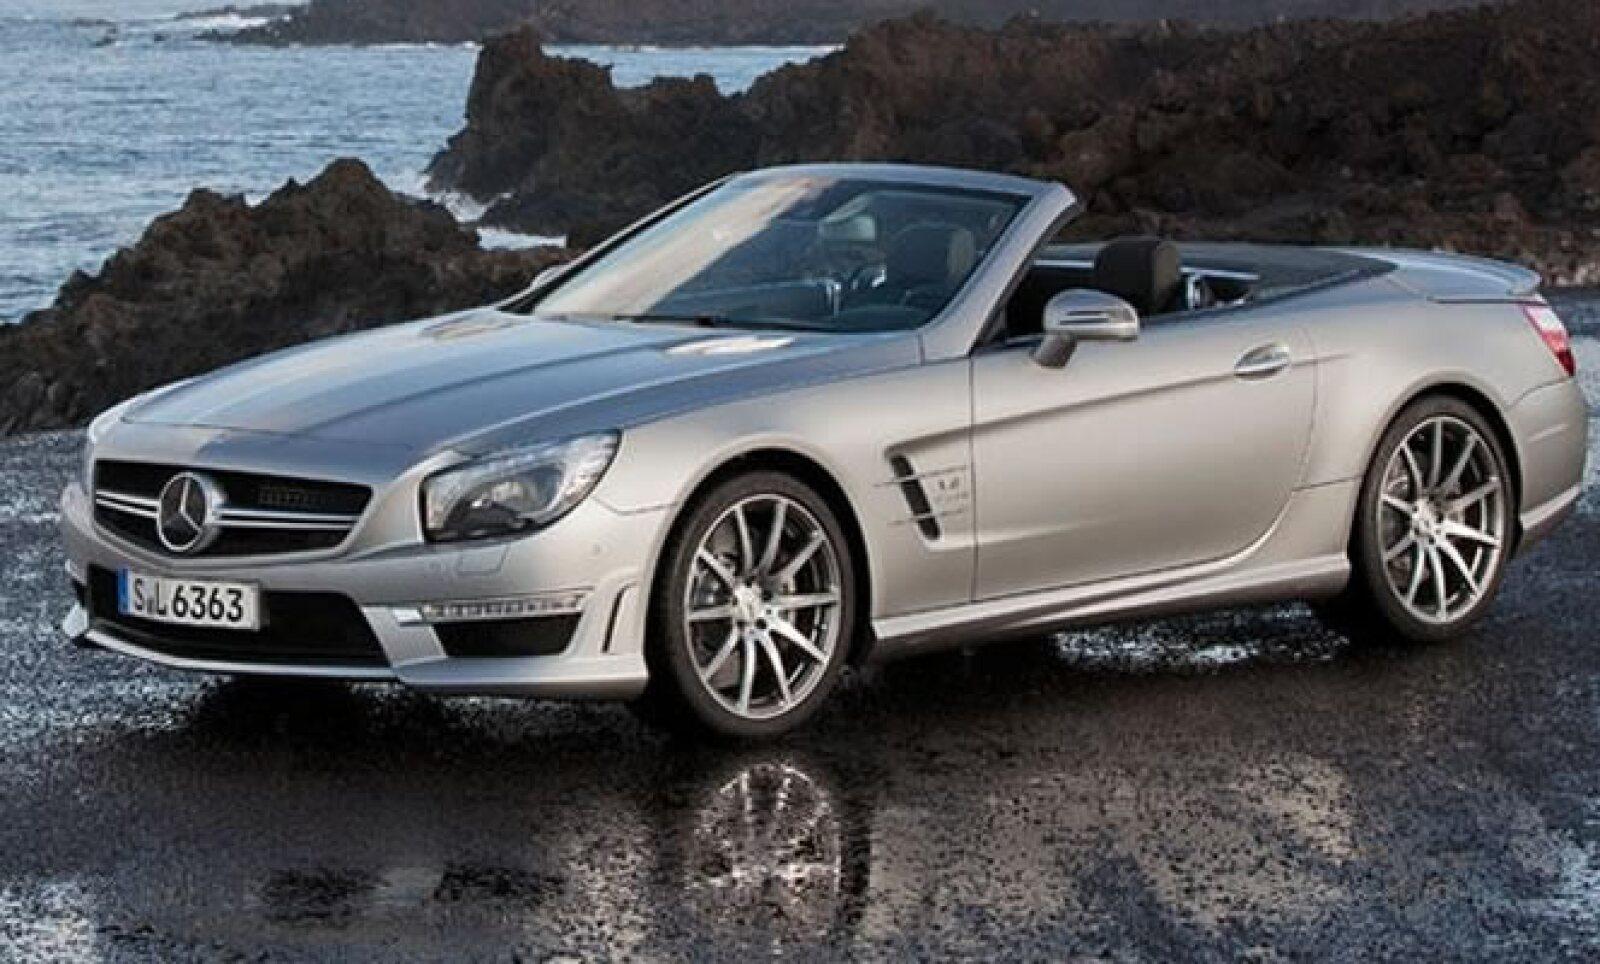 El modelo tiene un motor V8 de 5.5 litros biturbo que desarrolla 537 caballos de fuerza. Si el comprador lo desea, puede optar por instalar el AMG Performance que aumenta la potencia hasta los 564 caballos de fuerza.